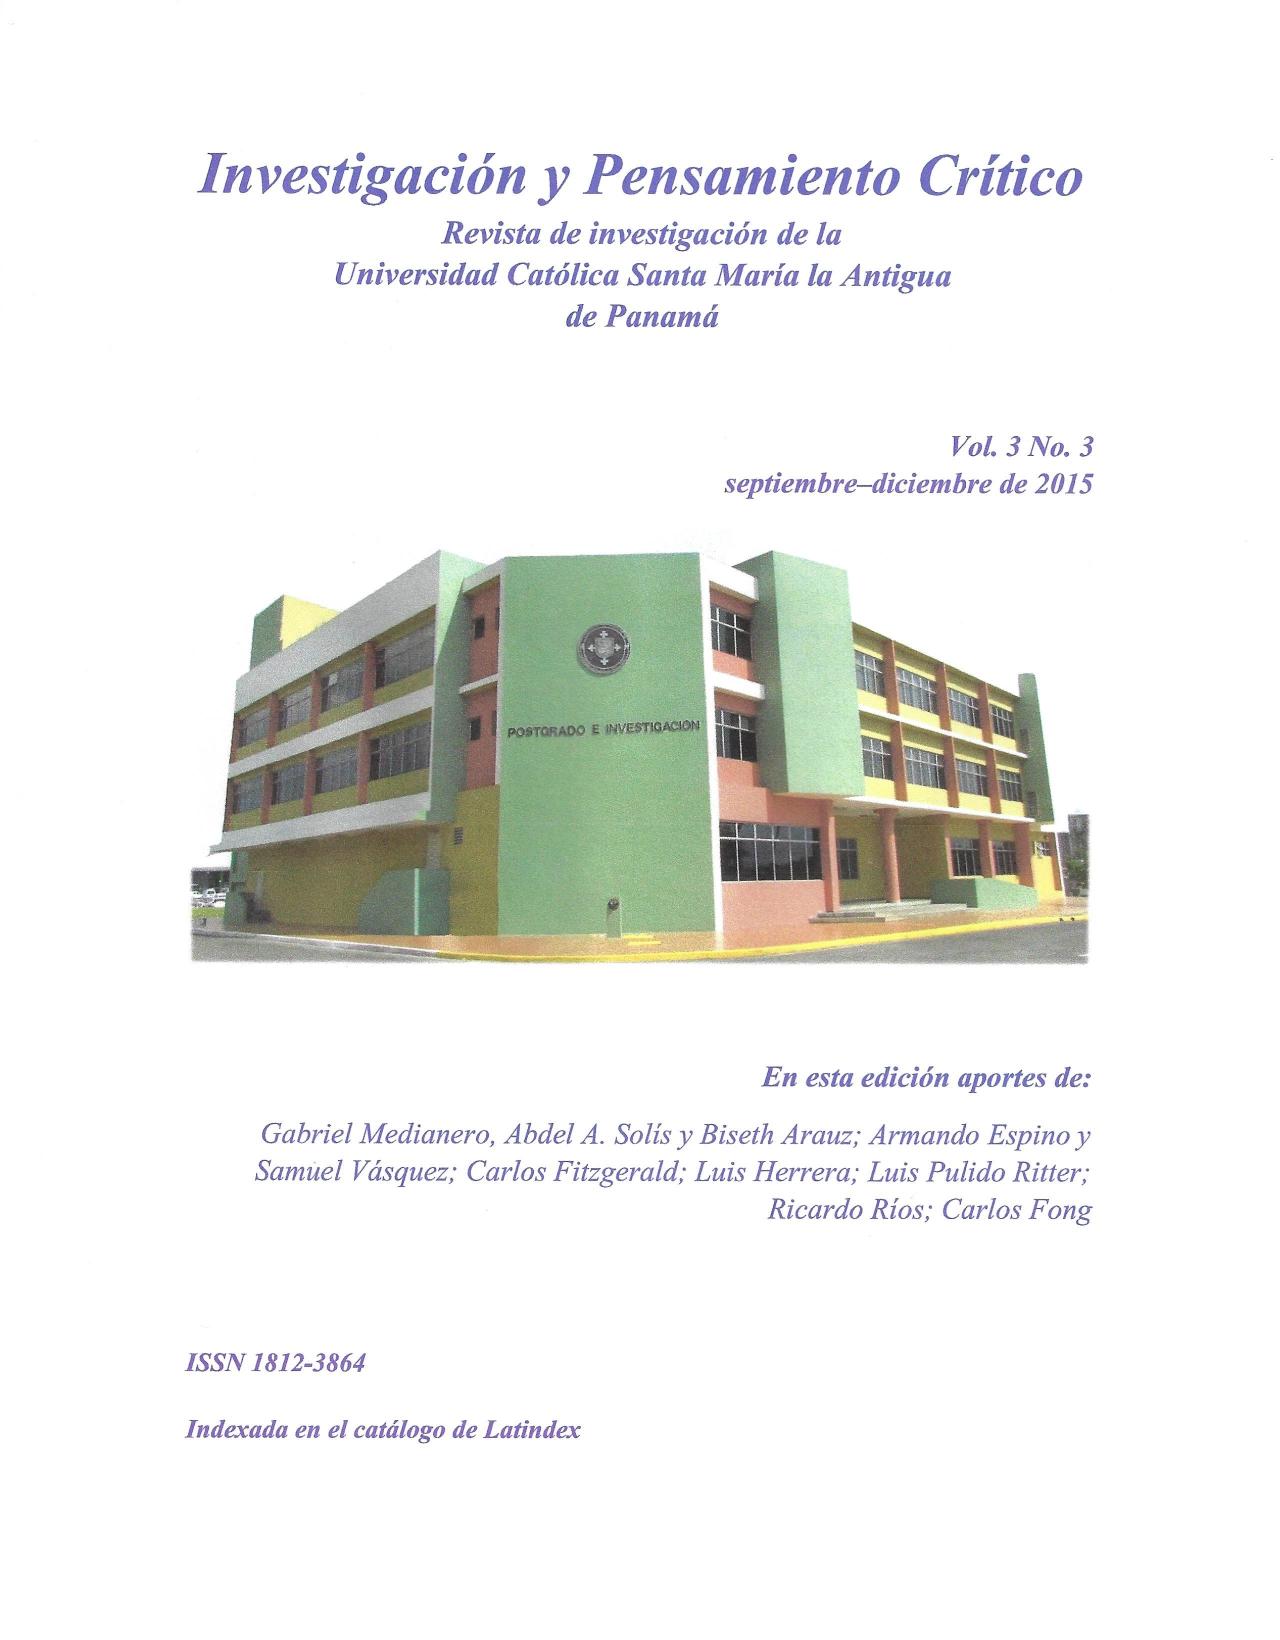 Imagen revista IPC, volumen 3, número 3, año 2015